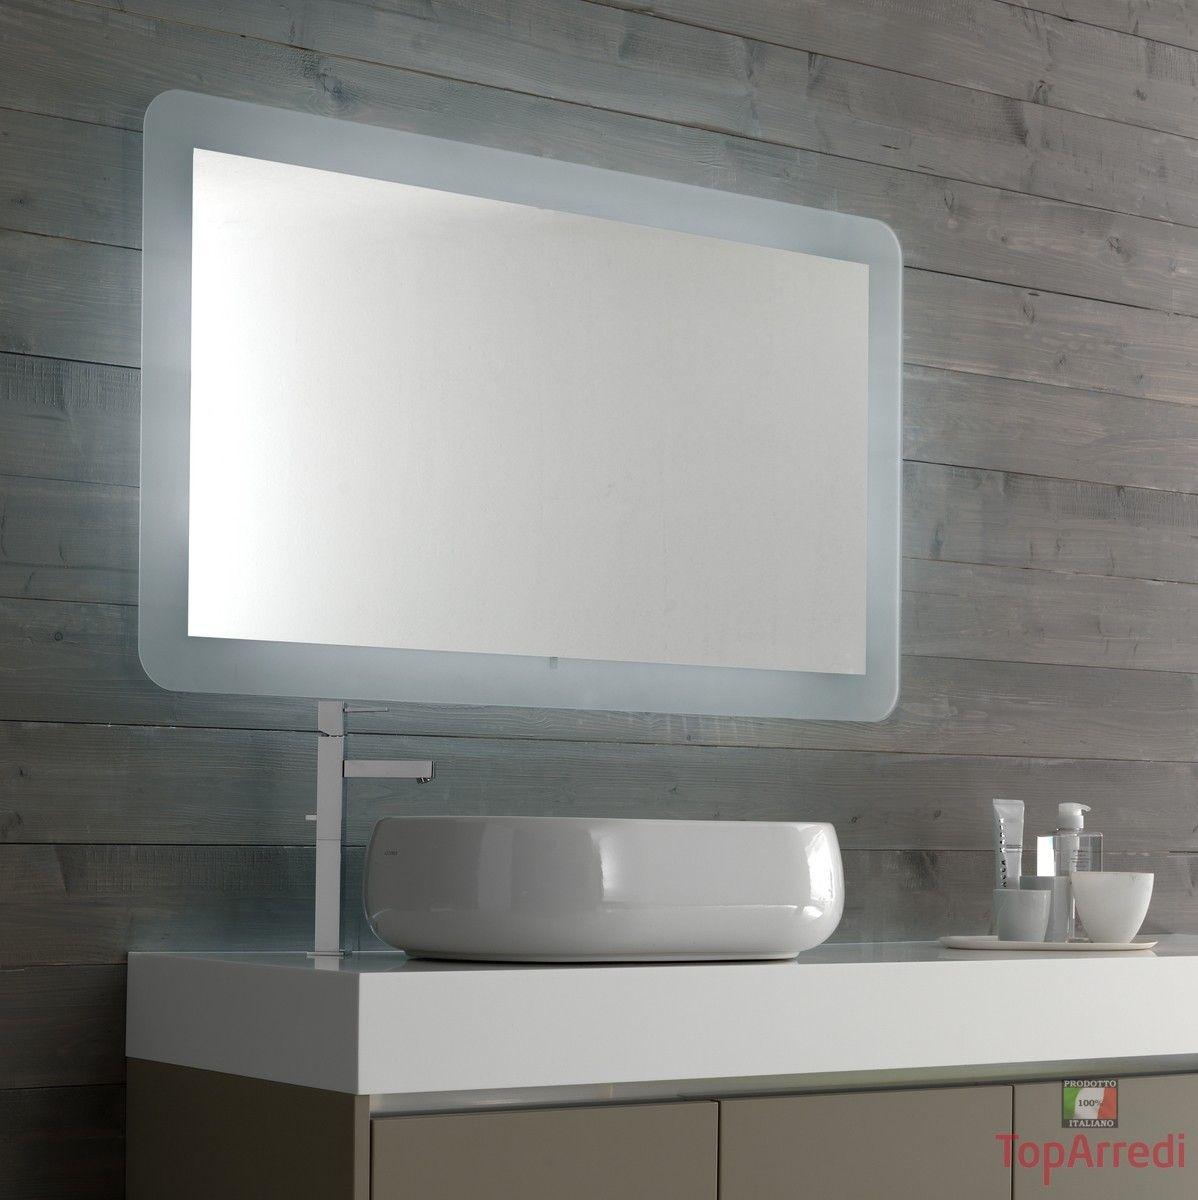 Specchi cornici moderna per bagno - Specchi particolari per bagno ...